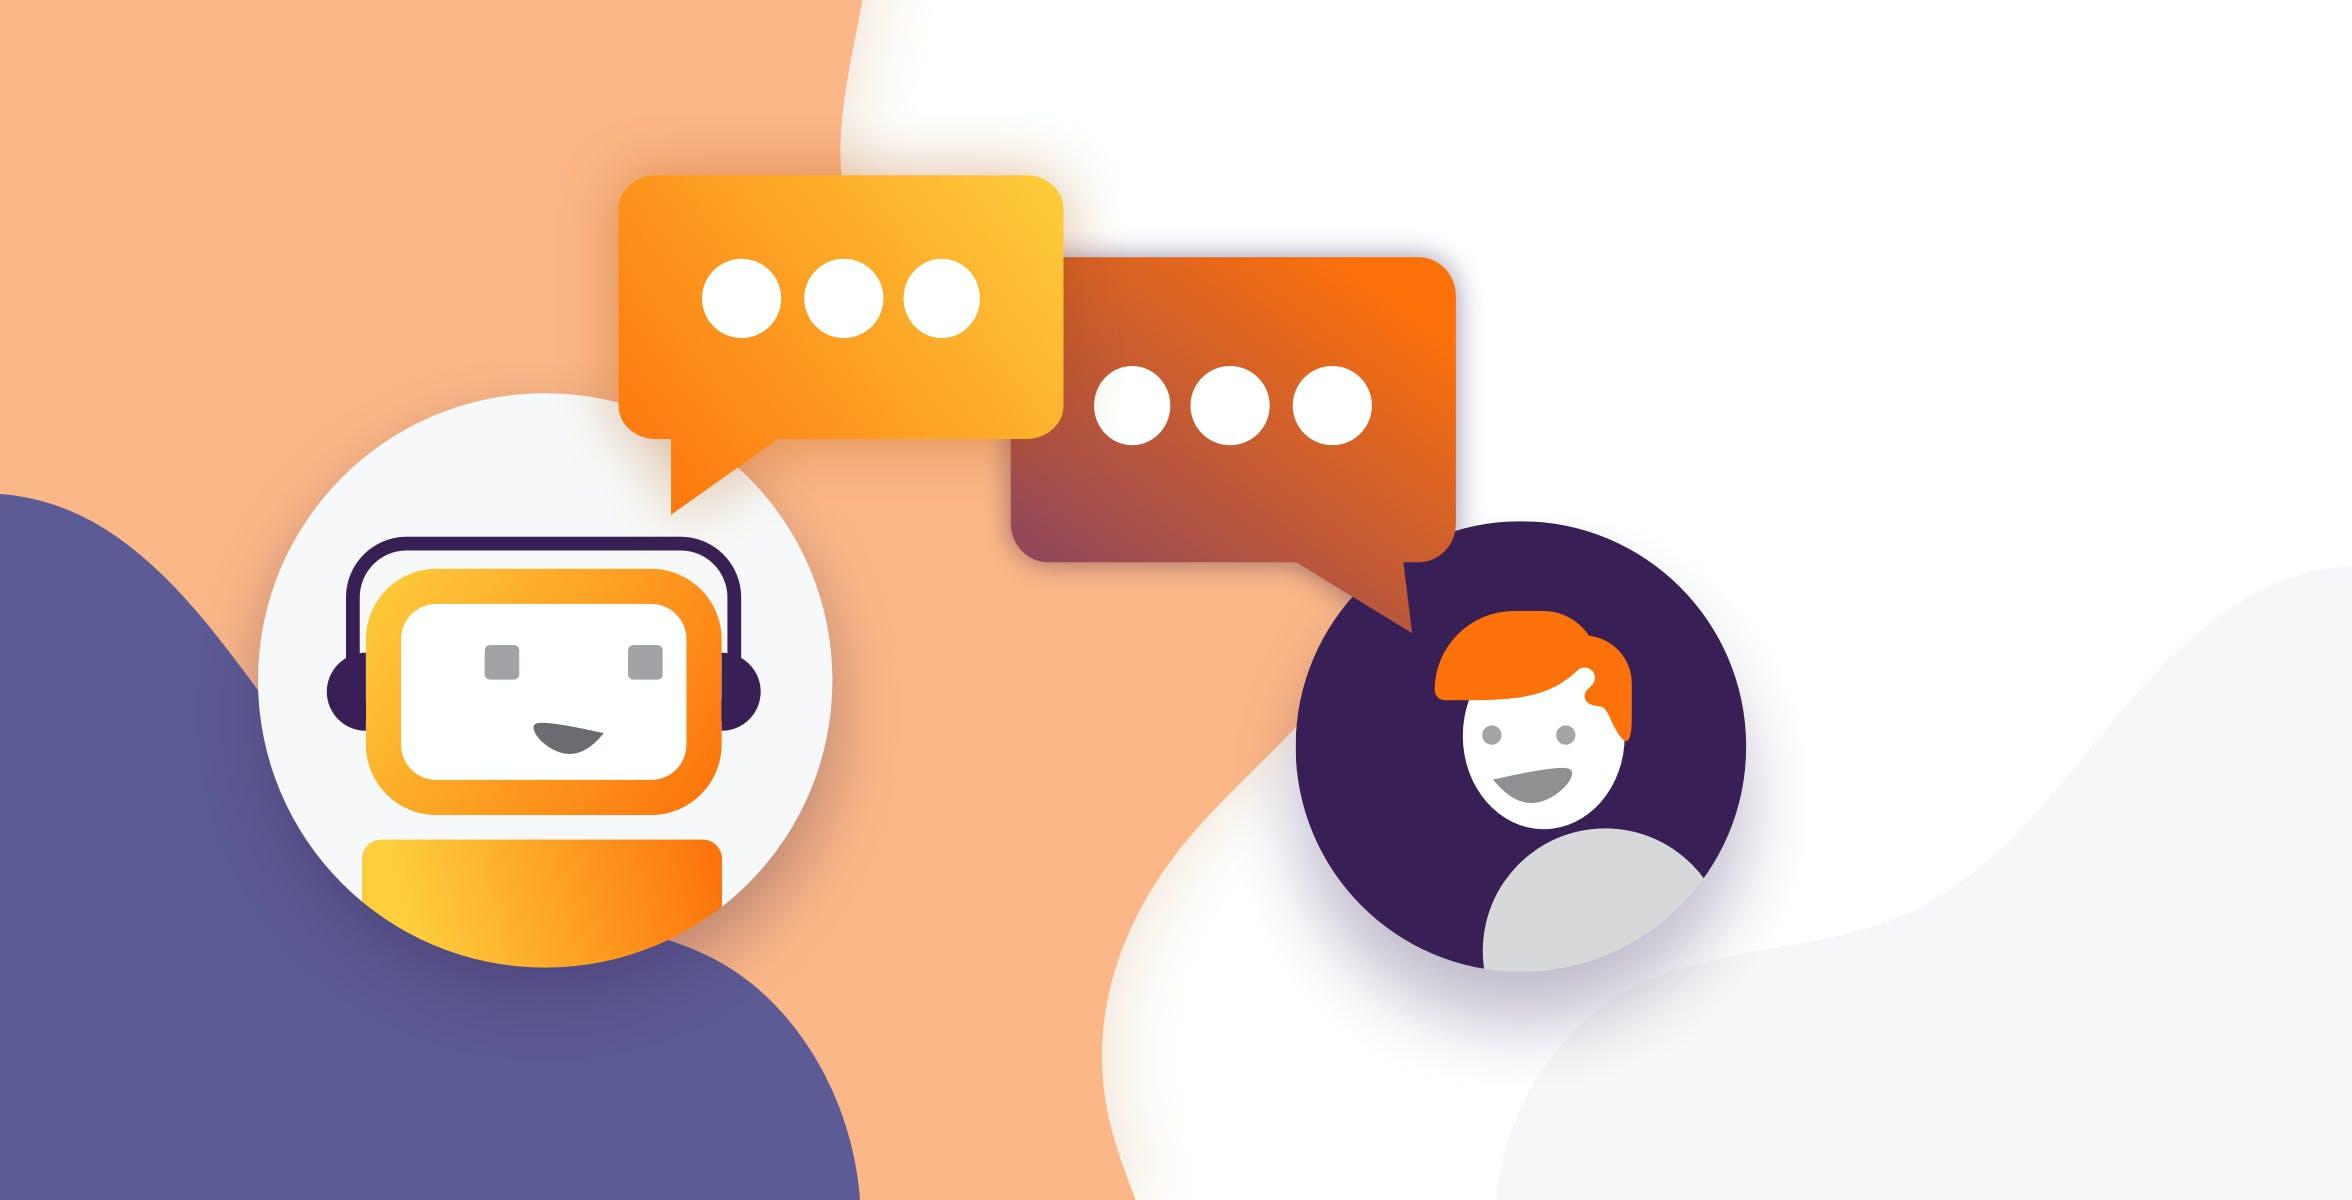 Miten hyödyntää automatisointia henkilökohtaisessa asiakaspalvelussa?